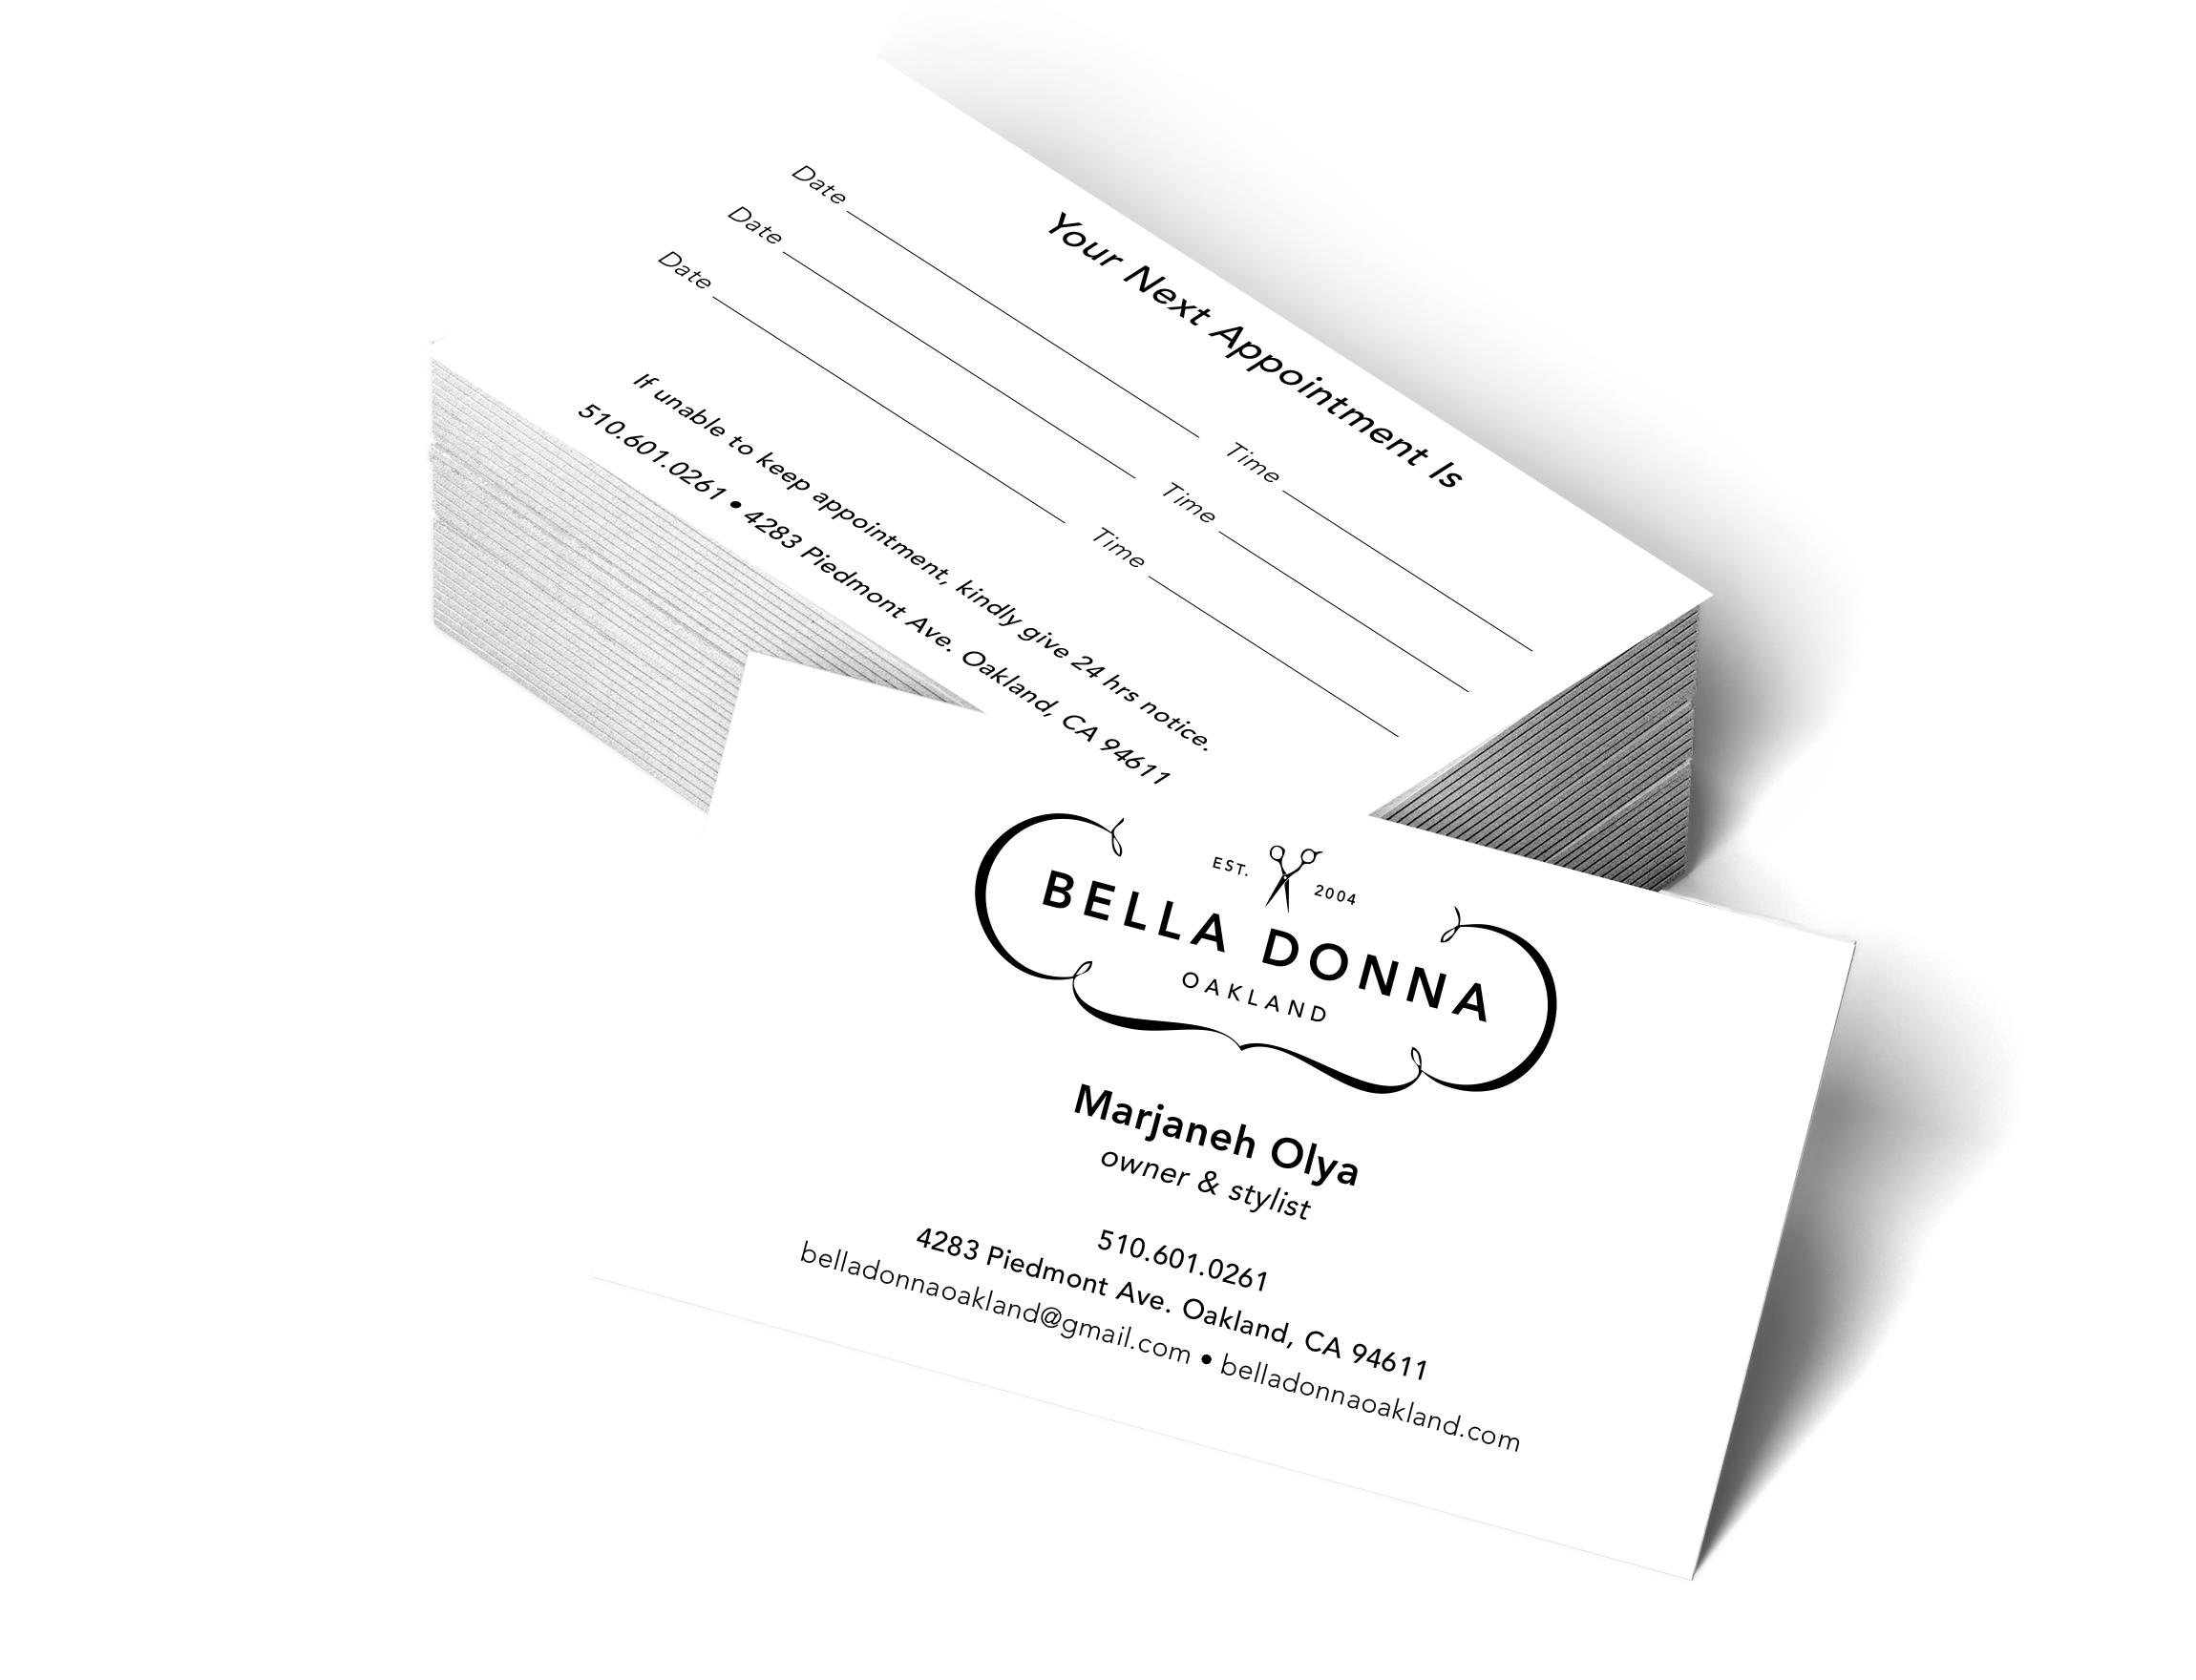 melody-shirazi-bella-donna-cards.jpg